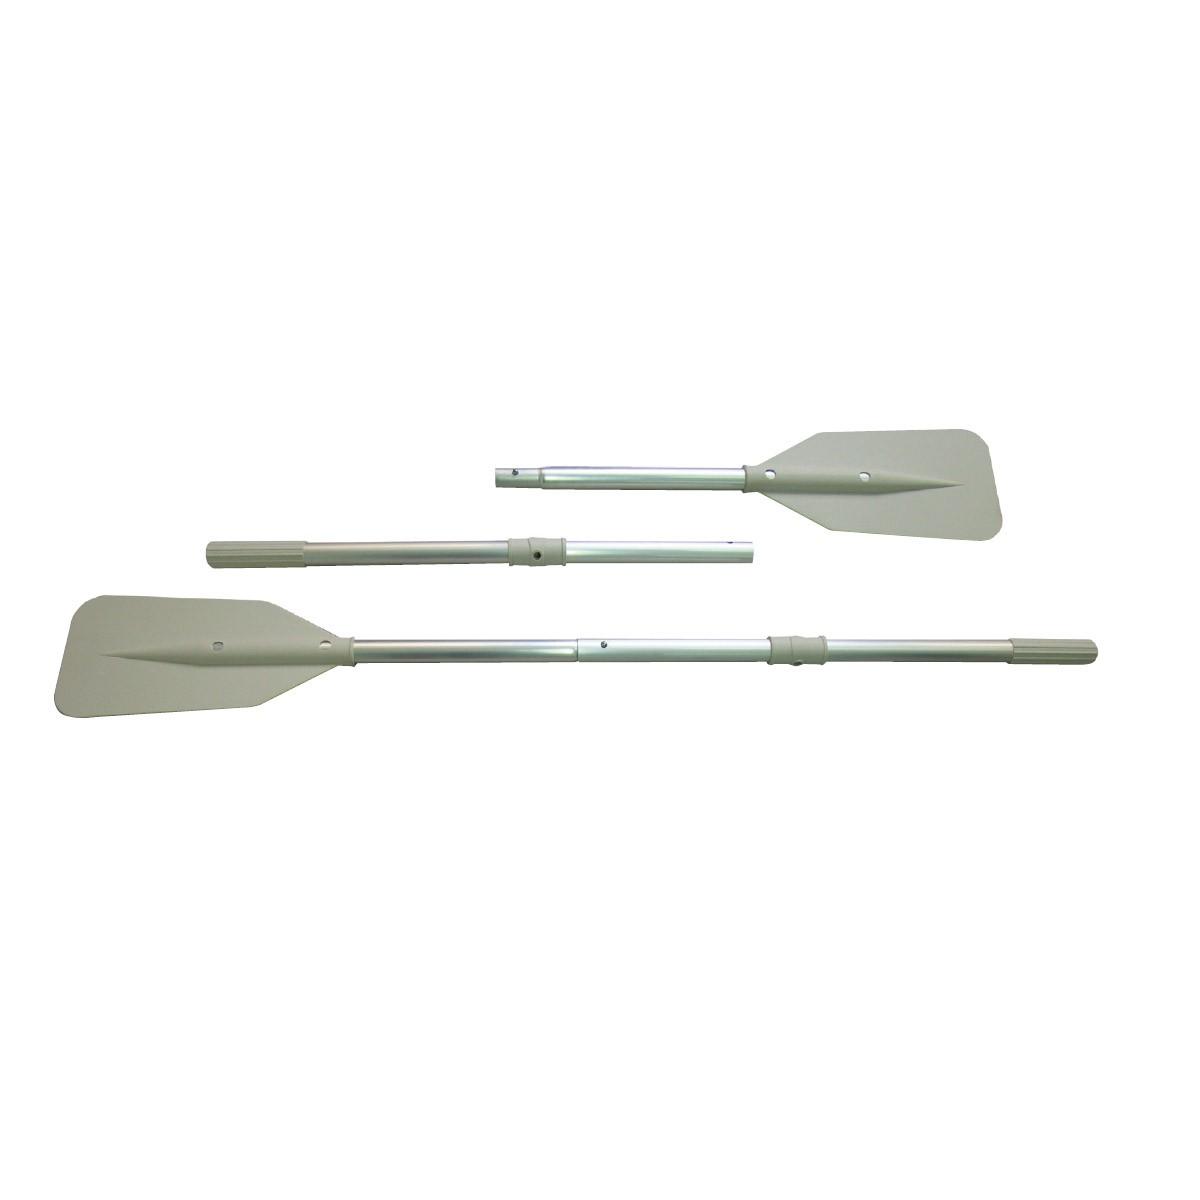 56.4 - Κουπιά Σπαστά Φουσκωτού Μήκους 85-163cm (Ζεύγος)